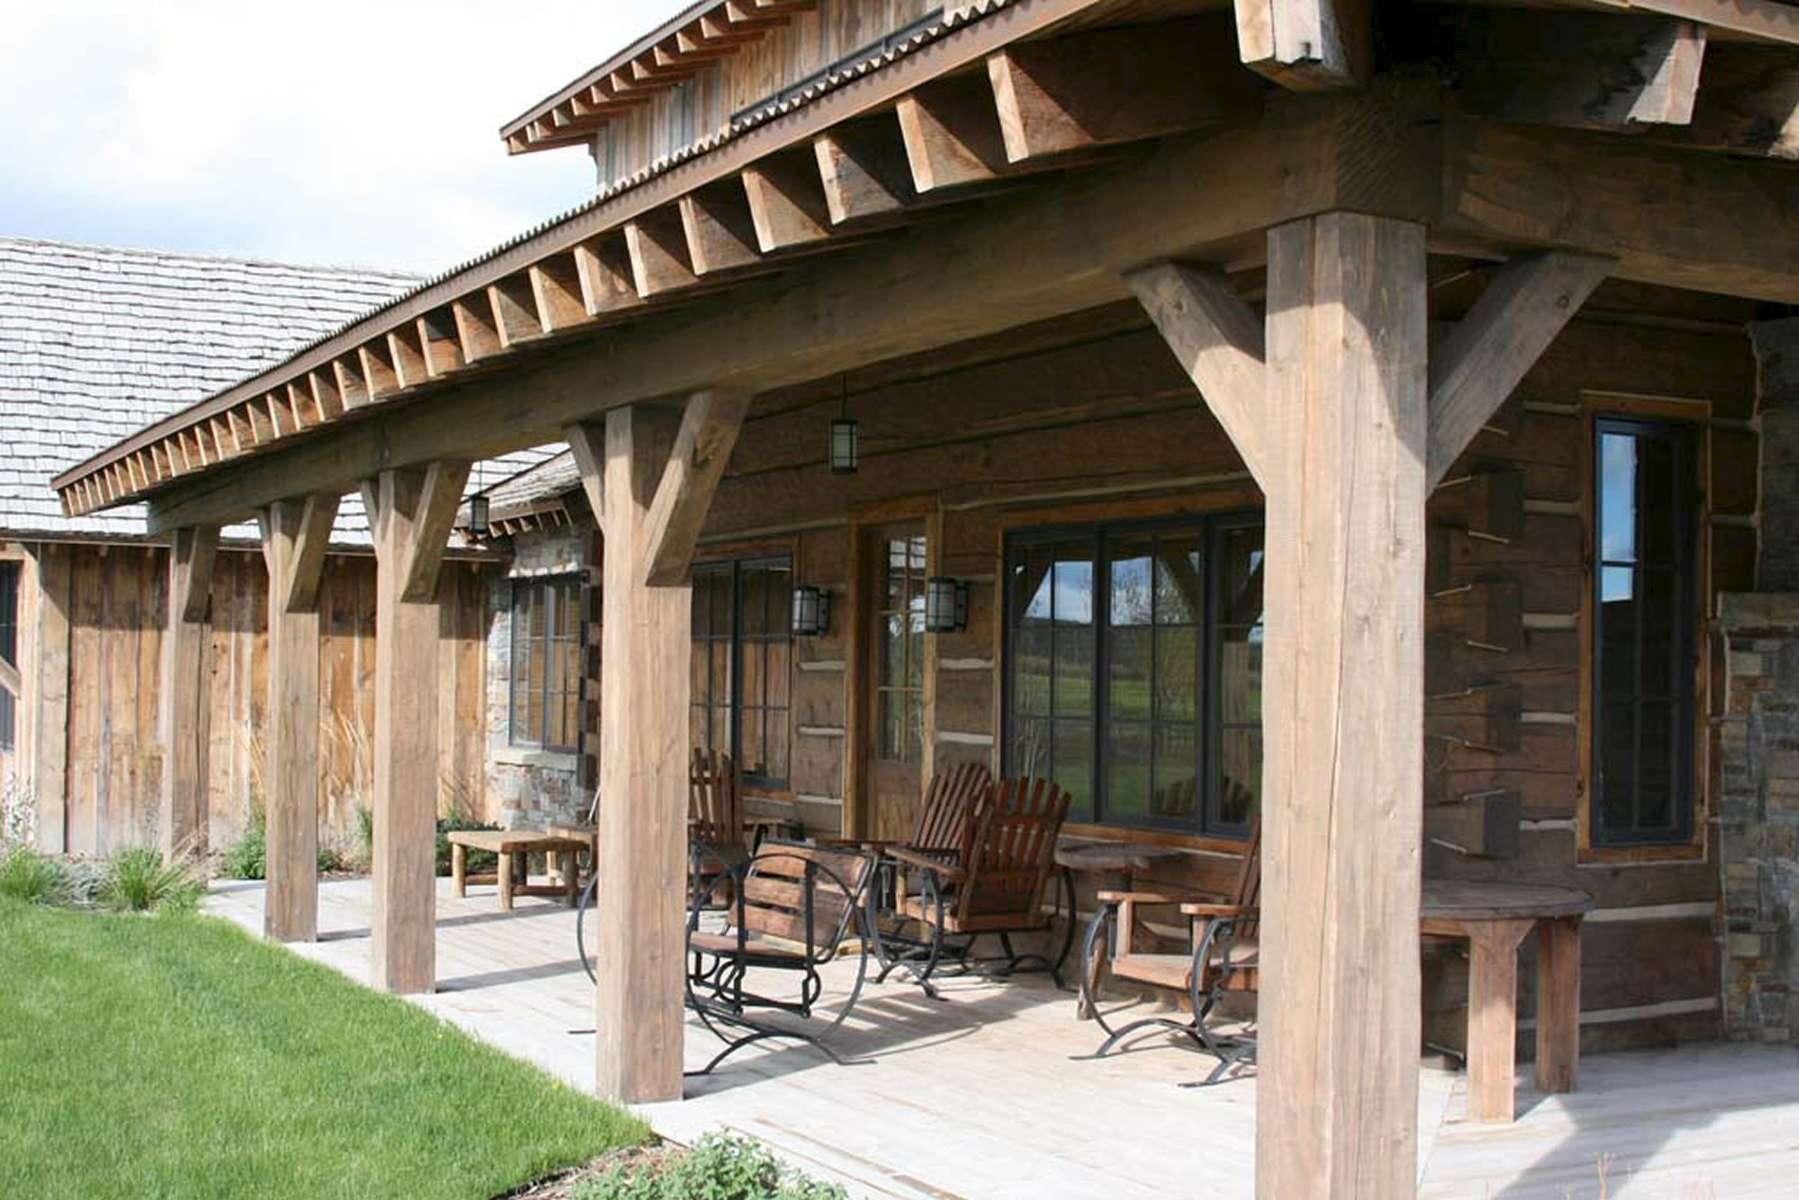 plan-west-design-firm-_-exteriors-192